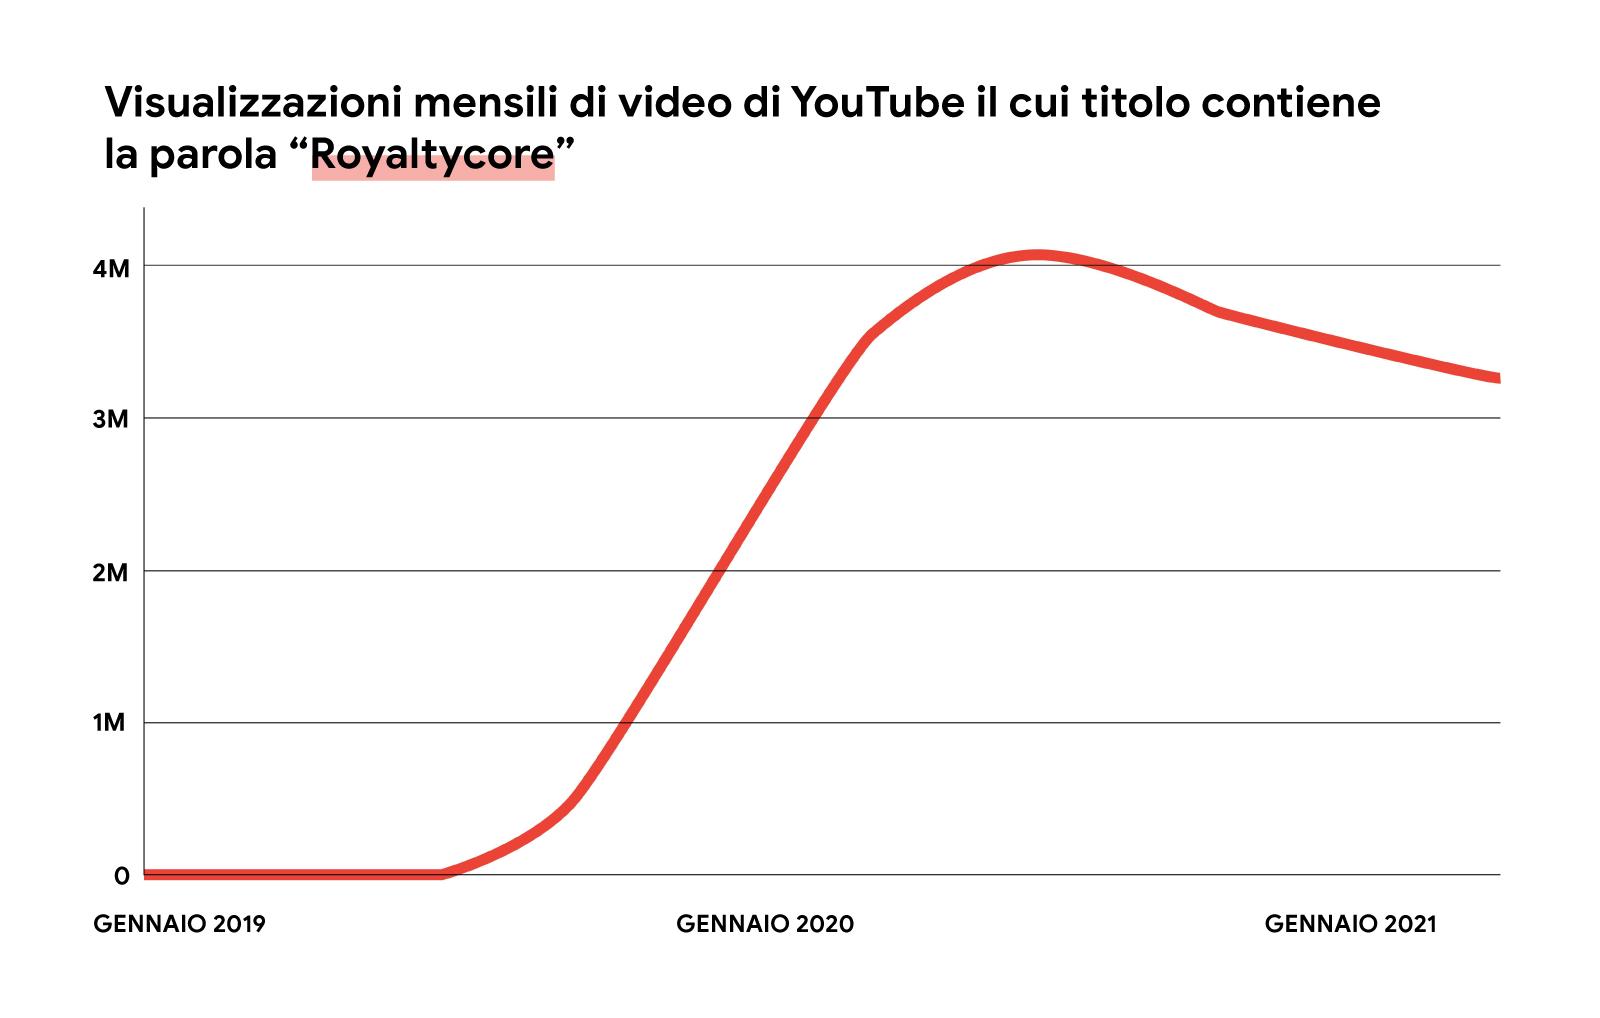 """Un'immagine illustrata di un grafico a linee rosse che mostra l'aumento delle visualizzazioni mensili dei video di YouTube il cui titolo contiene la parola """"royaltycore"""", da gennaio 2019 a maggio 2021."""